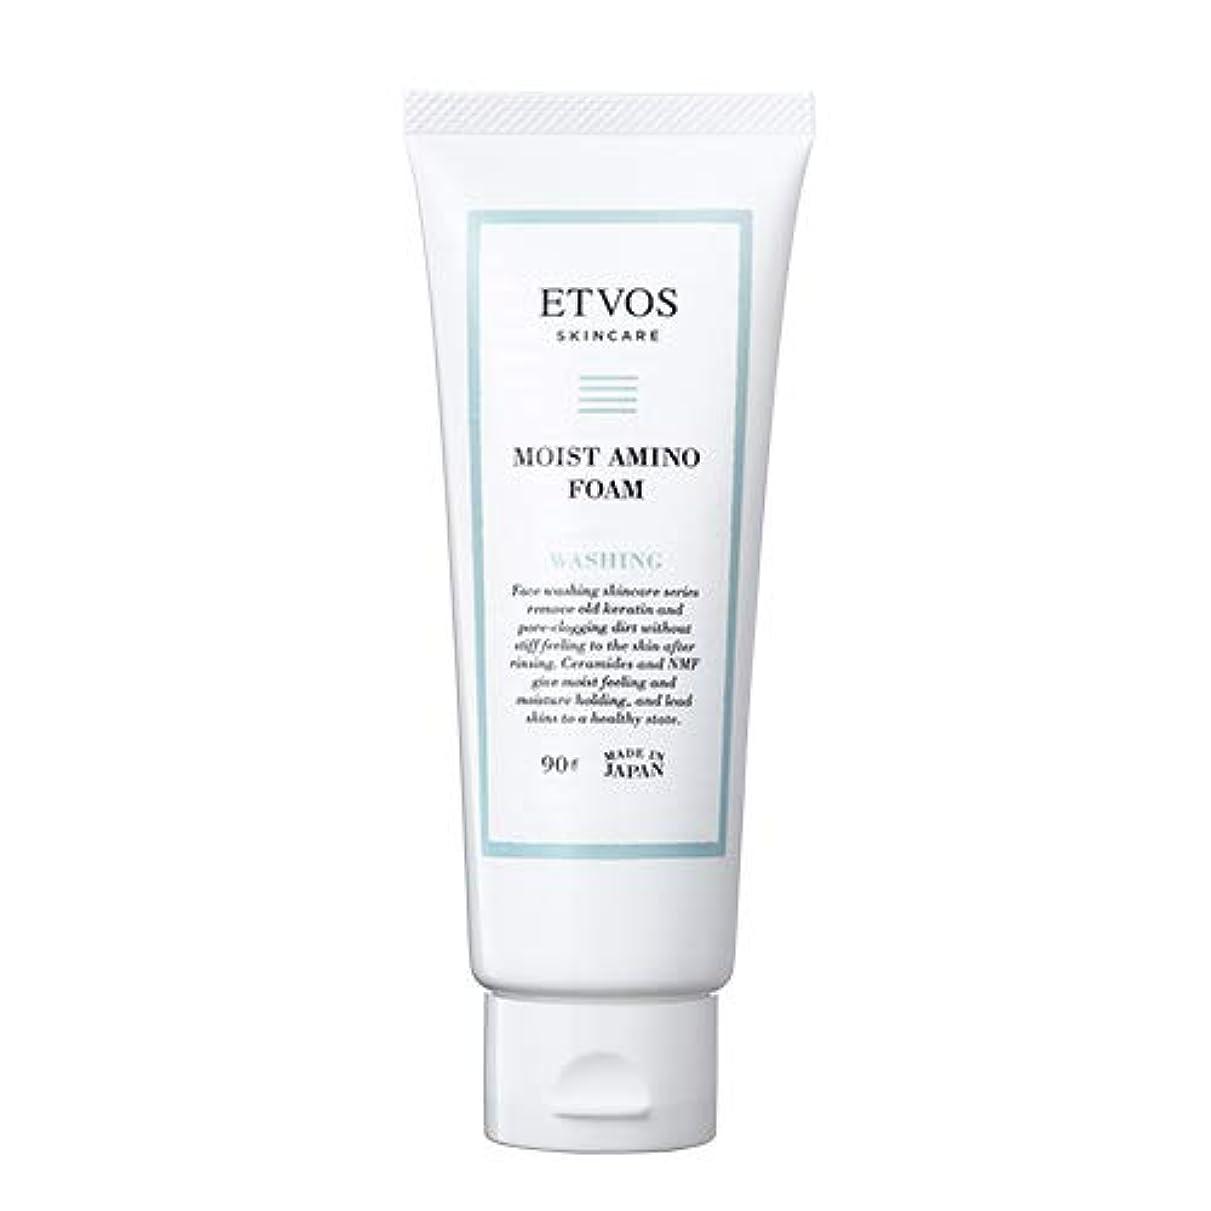 バッフル換気する内側ETVOS(エトヴォス) 洗顔フォーム モイストアミノフォーム 90g ヒト型セラミド アミノ酸系 乾燥肌/敏感肌